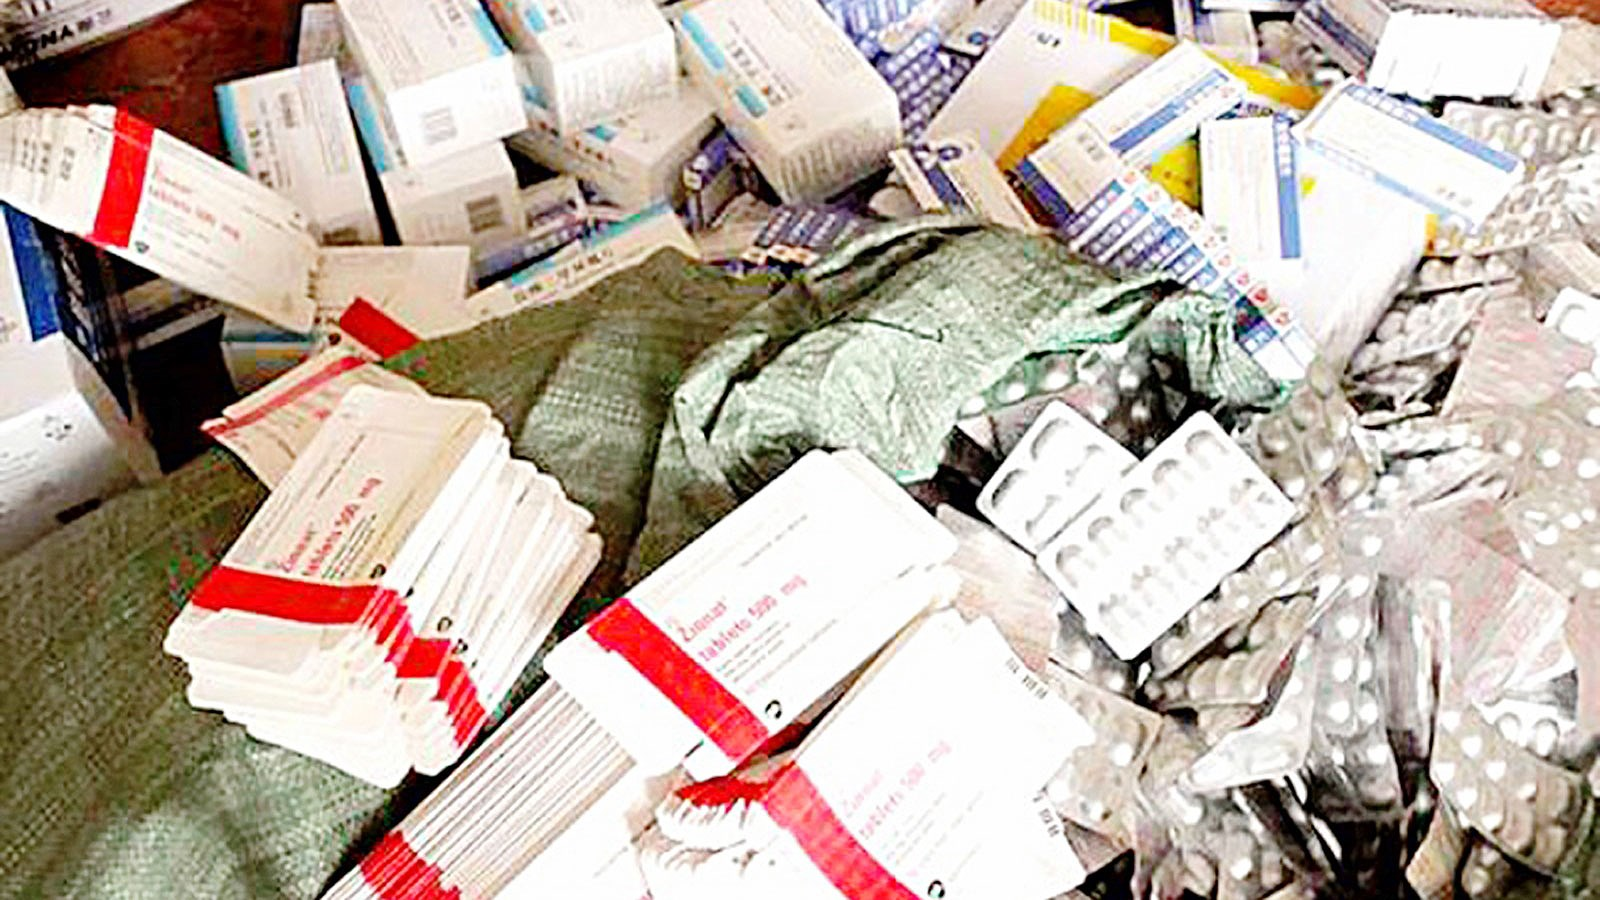 Nhiều loại thuốc giả một cách tinh vi, bán công khai tại những hiệu thuốc ở Hà Nội và TP.HCM - Ảnh 1